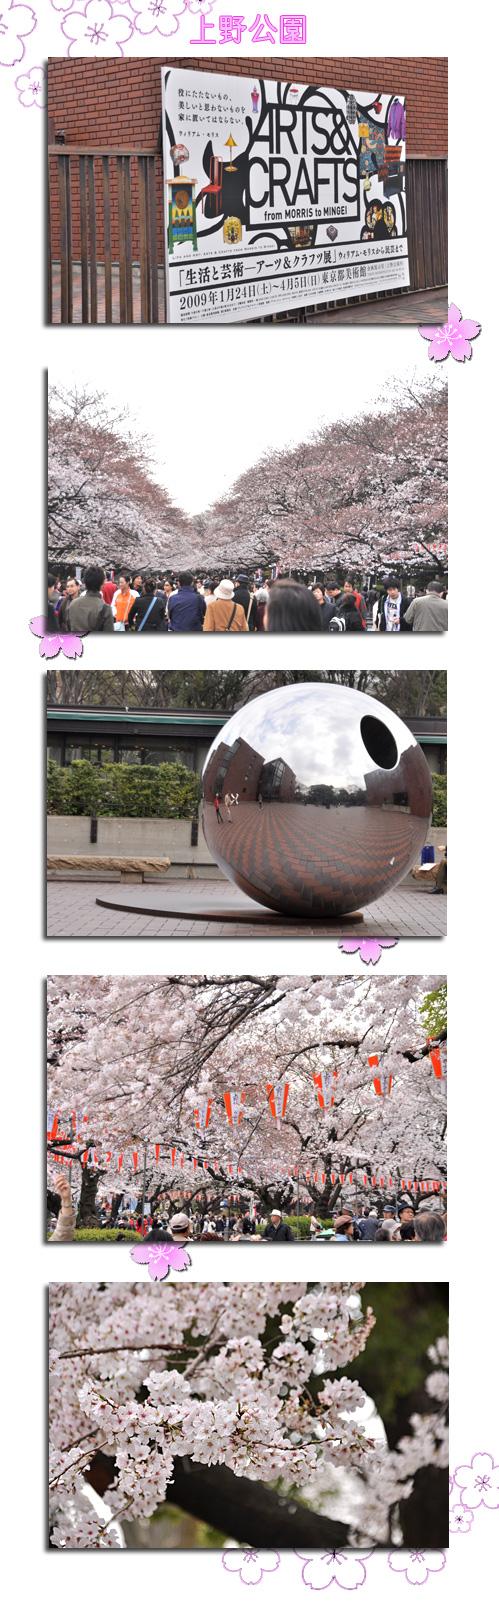 3月31日上野公園のさくら1